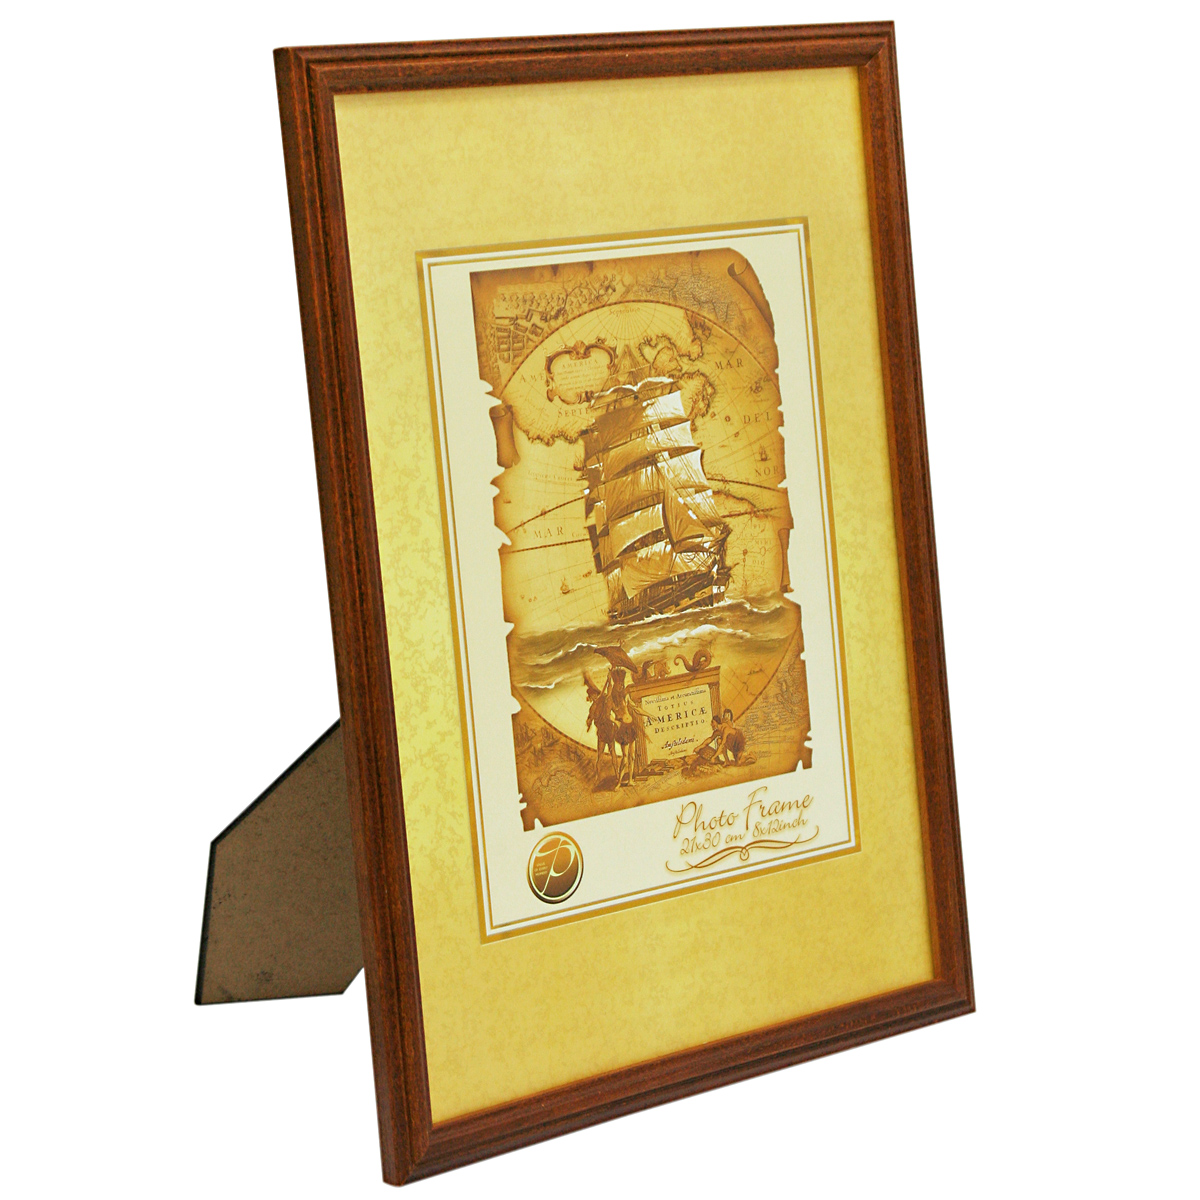 Фоторамка Veld-Co, деревянная, цвет: темно-рыжий, 10 х 15 см6268_темно-рыжийФоторамка Veld-Co выполнена из дерева и стекла, которое защищает фотографию. Задняясторона рамки оснащена специальной ножкой, благодаря которой ее можно поставить на столили любое другое место в доме или офисе. Рамка оснащена двумя специальными отверстиямидля подвешивания на стену.Такая фоторамка поможет вам оригинально и стильно дополнить интерьер помещения, а такжепозволит сохранить память о дорогих вам людях и интересных событиях вашей жизни.